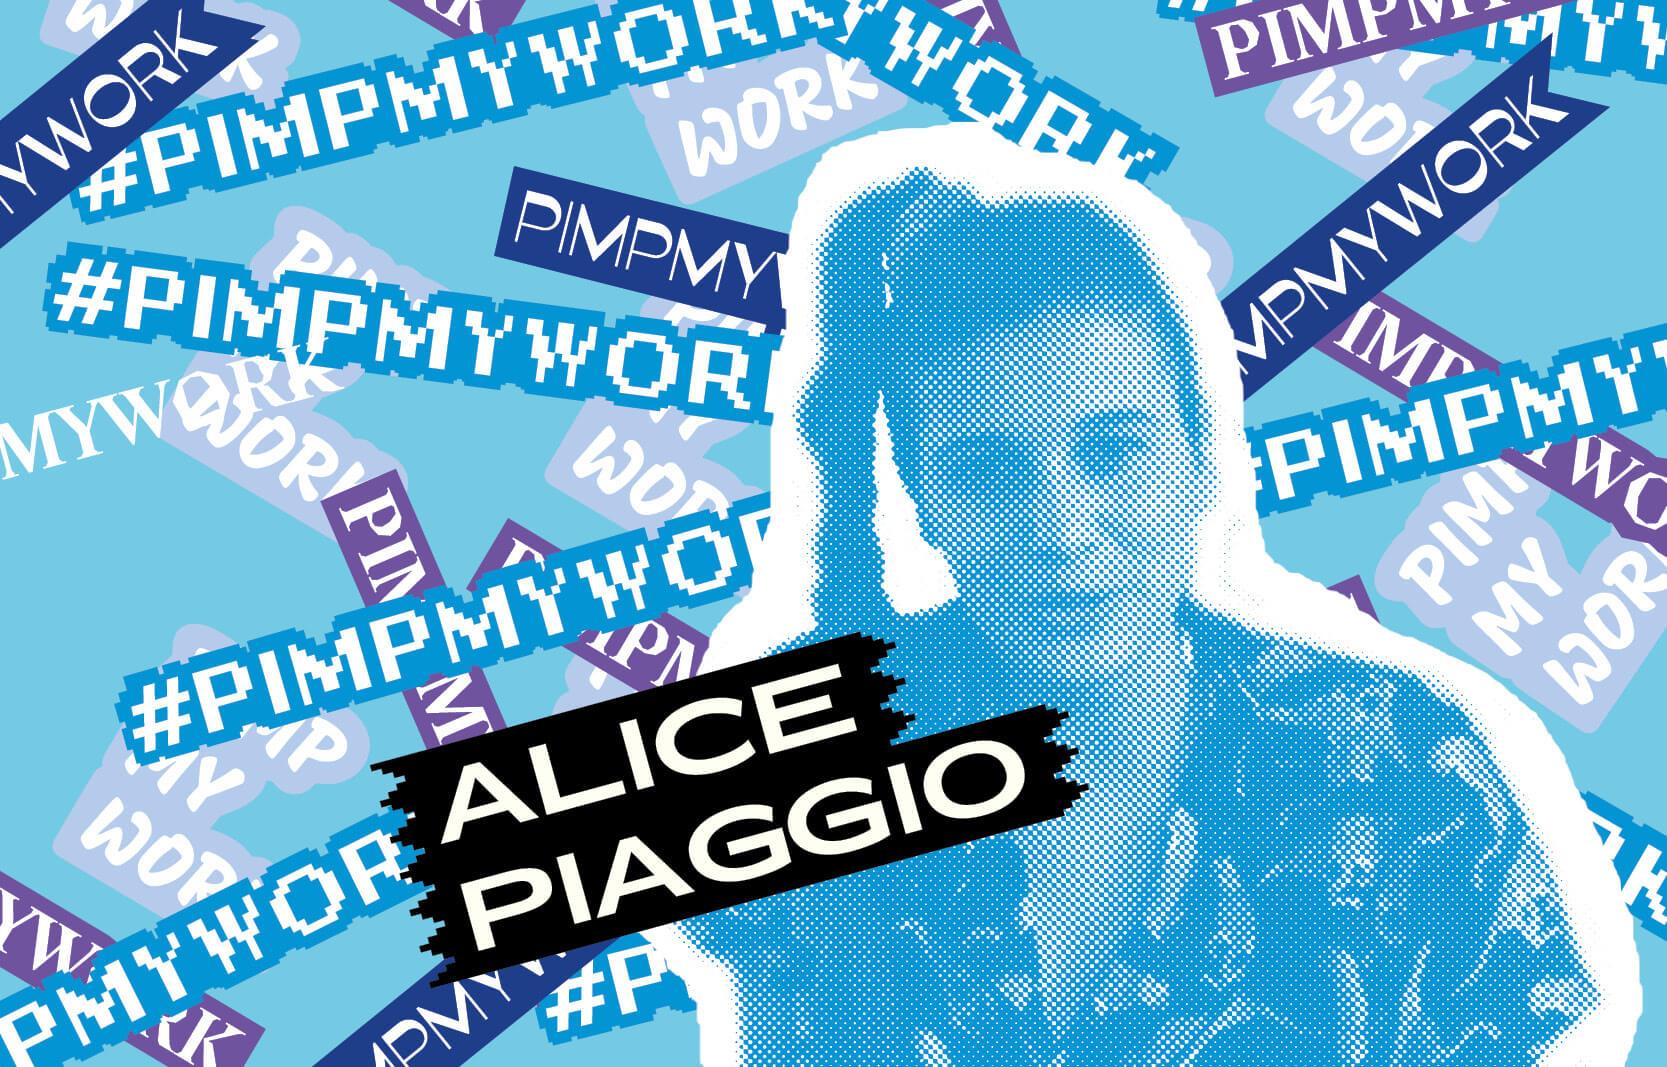 Alice Piaggio